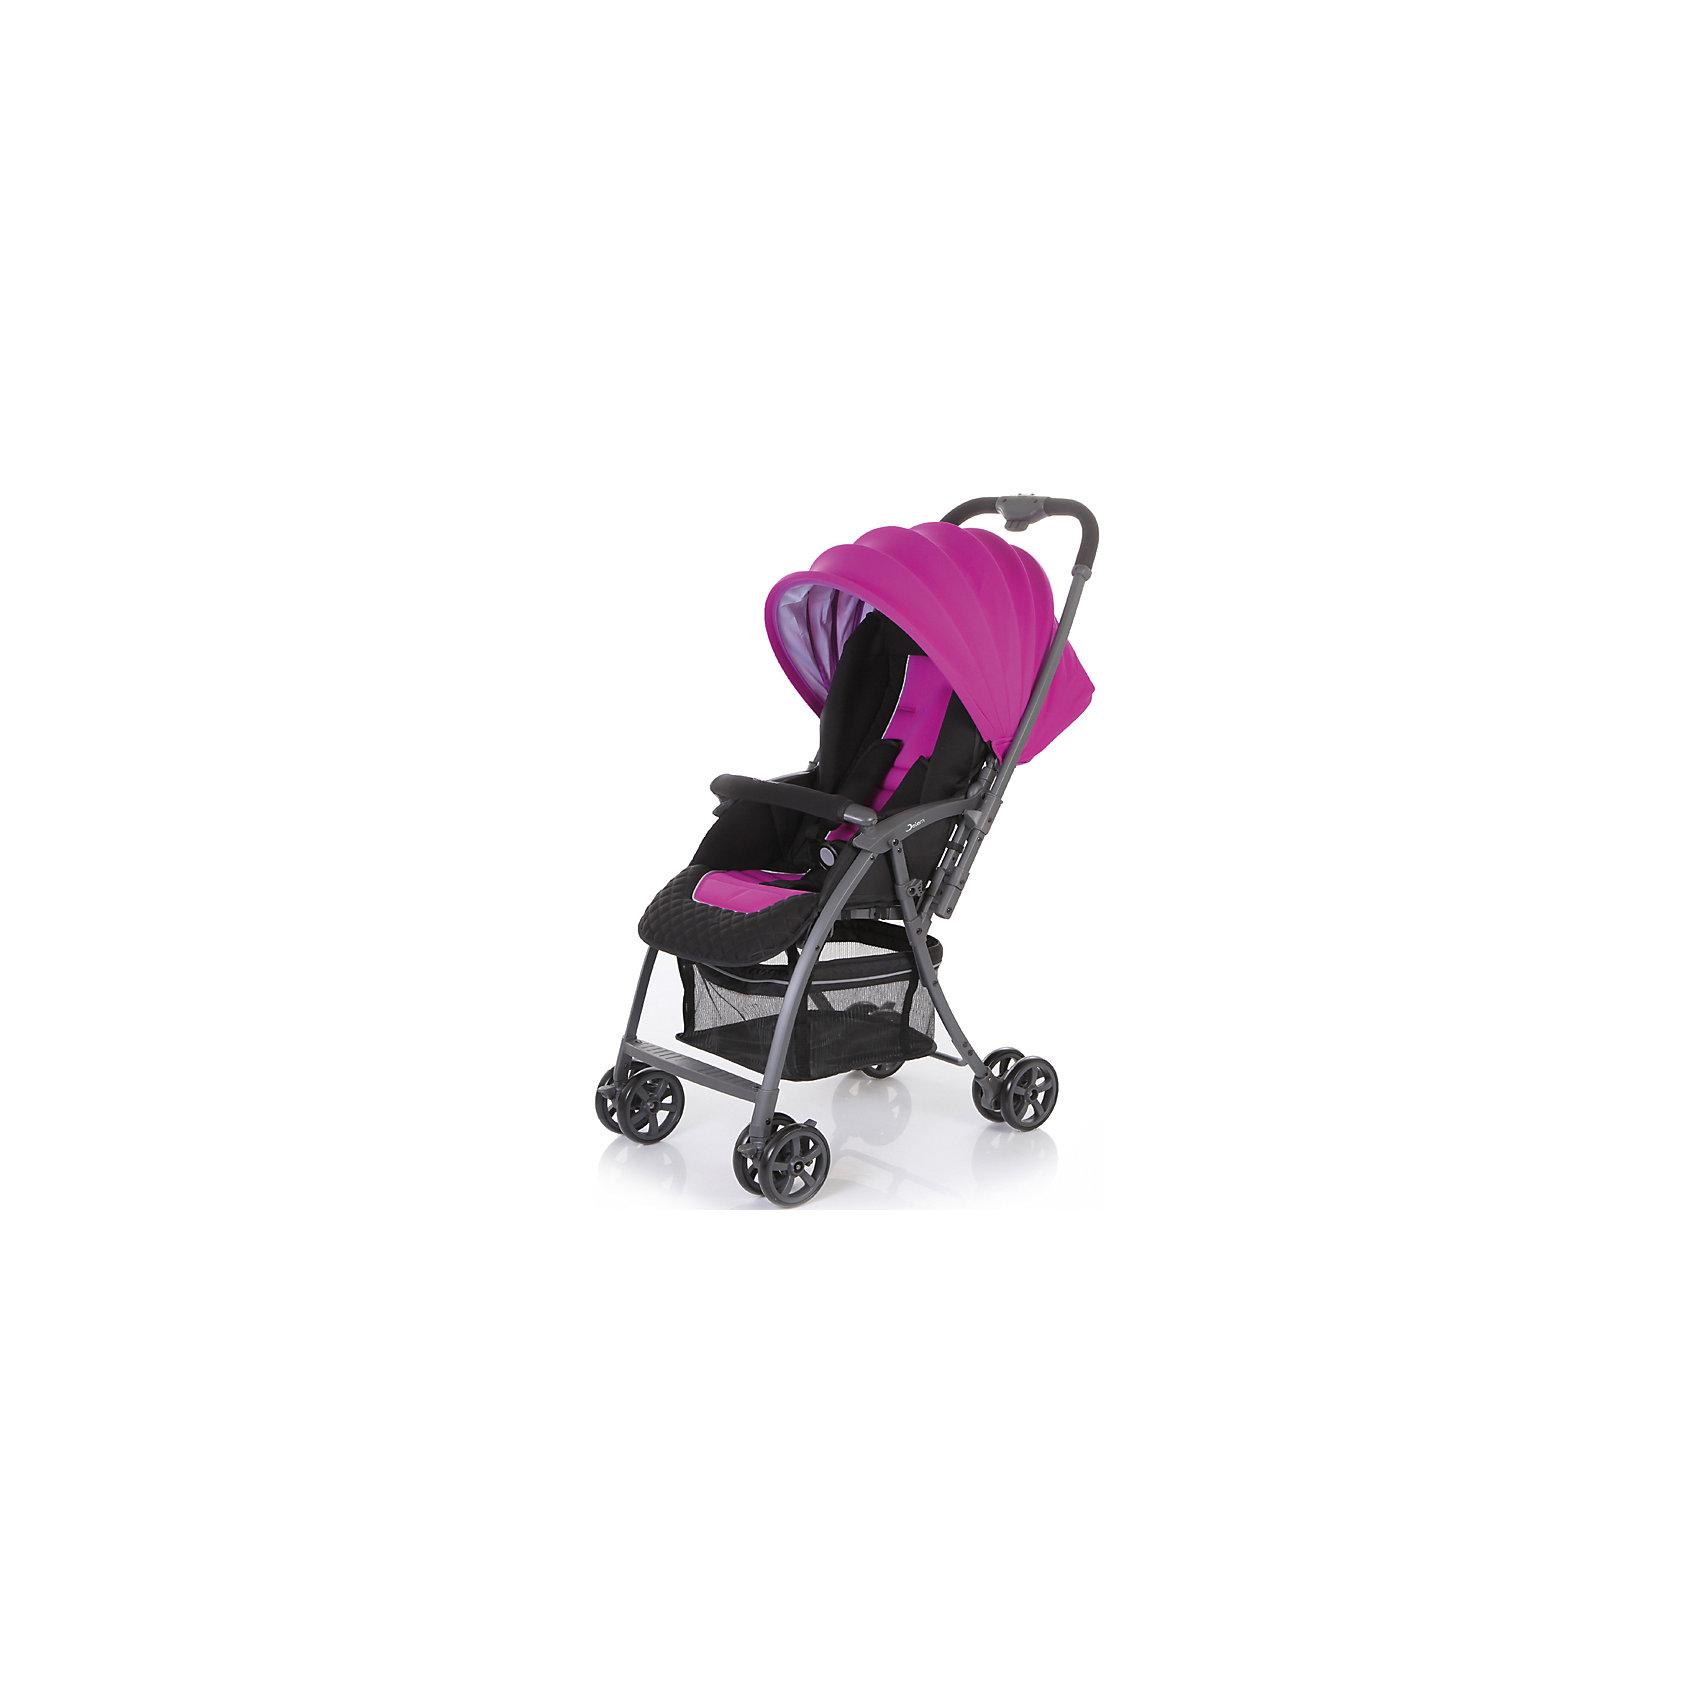 Jetem Прогулочная коляска Uno, Jetem, фиолетовый jetem прогулочная коляска uno jetem фиолетовый